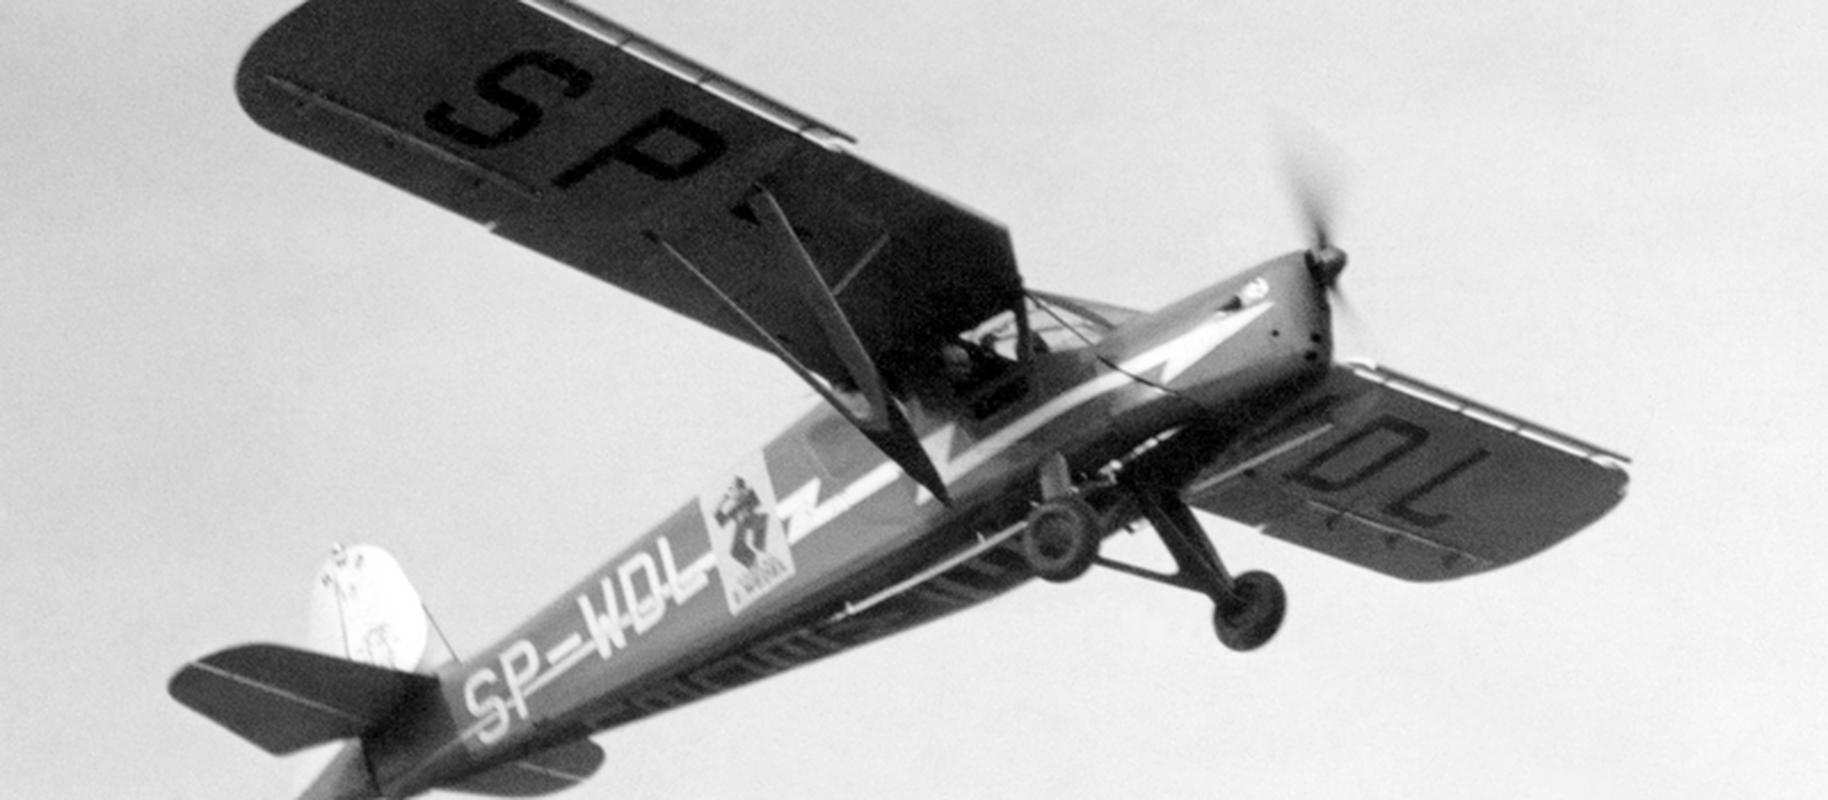 Samolot SP-WDL w locie. Maszyna typu RWD-13 była wykorzystywana do transportu wyrobów, jak i akcji promocyjnych. Zdjęcie z 1936 r.